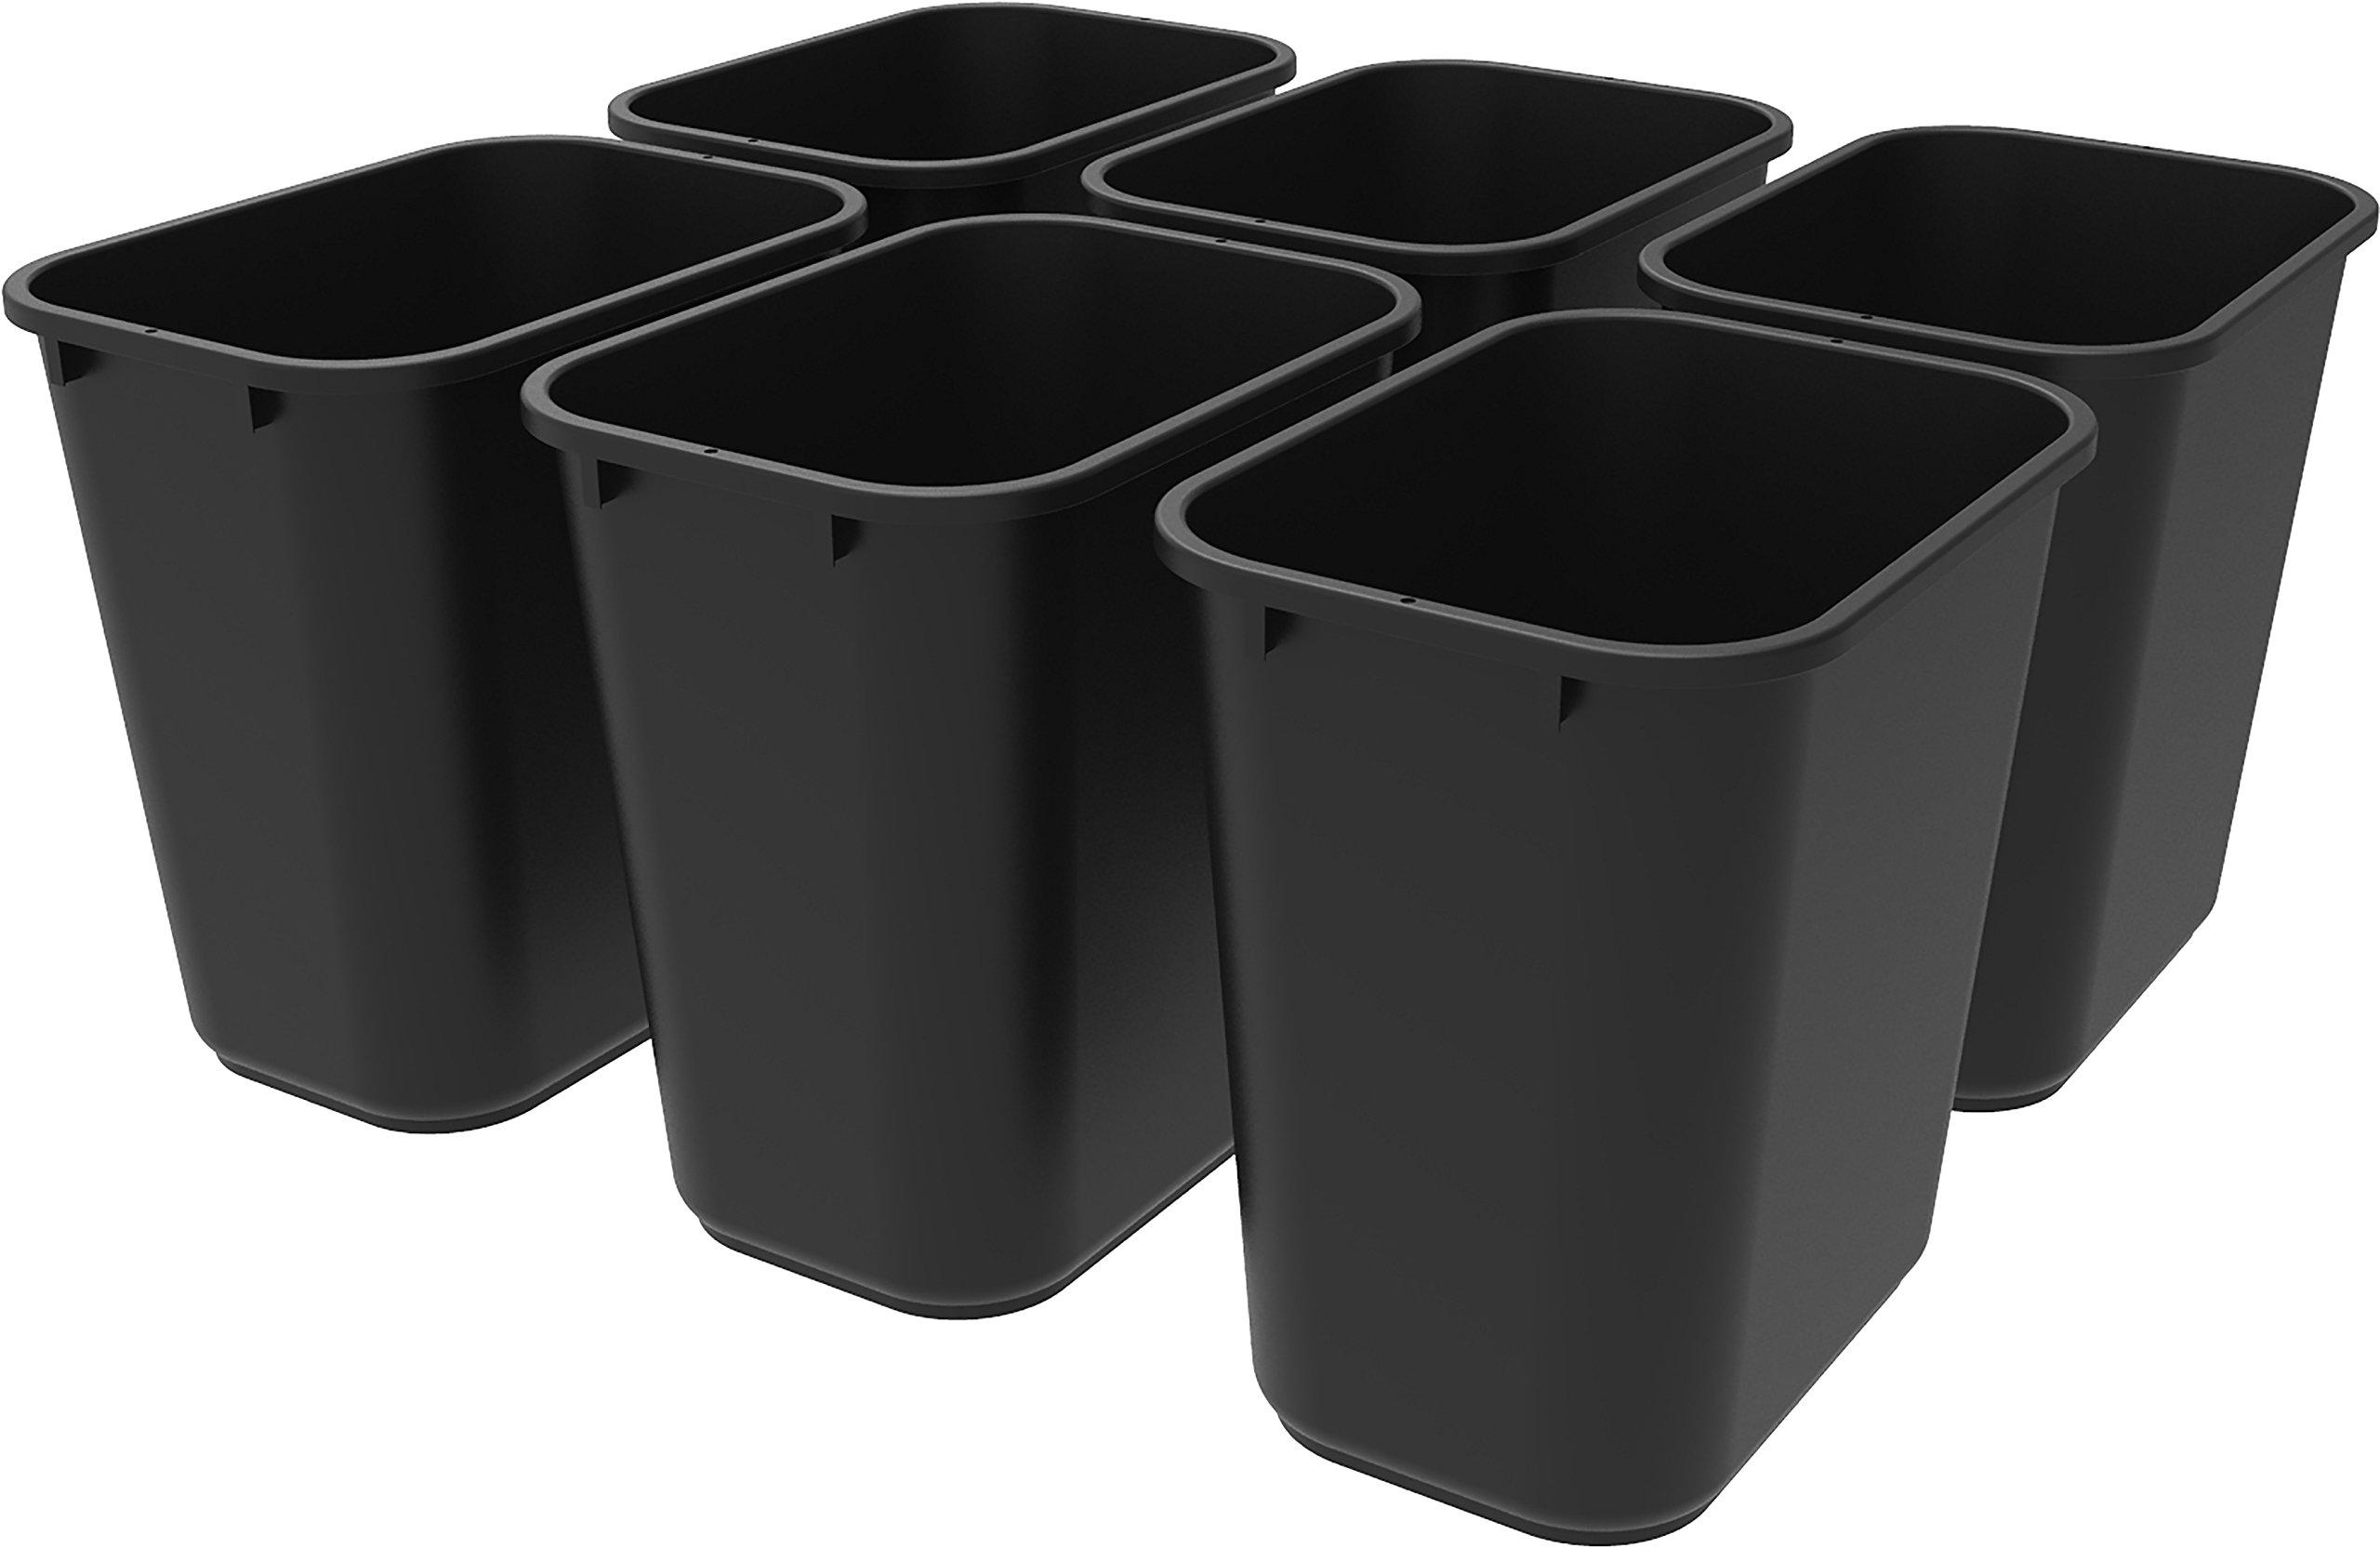 Storex Medium Waste Basket, 15 x 10.5 x 15 Inches, Black, Case of 6 (STX00710U06C)